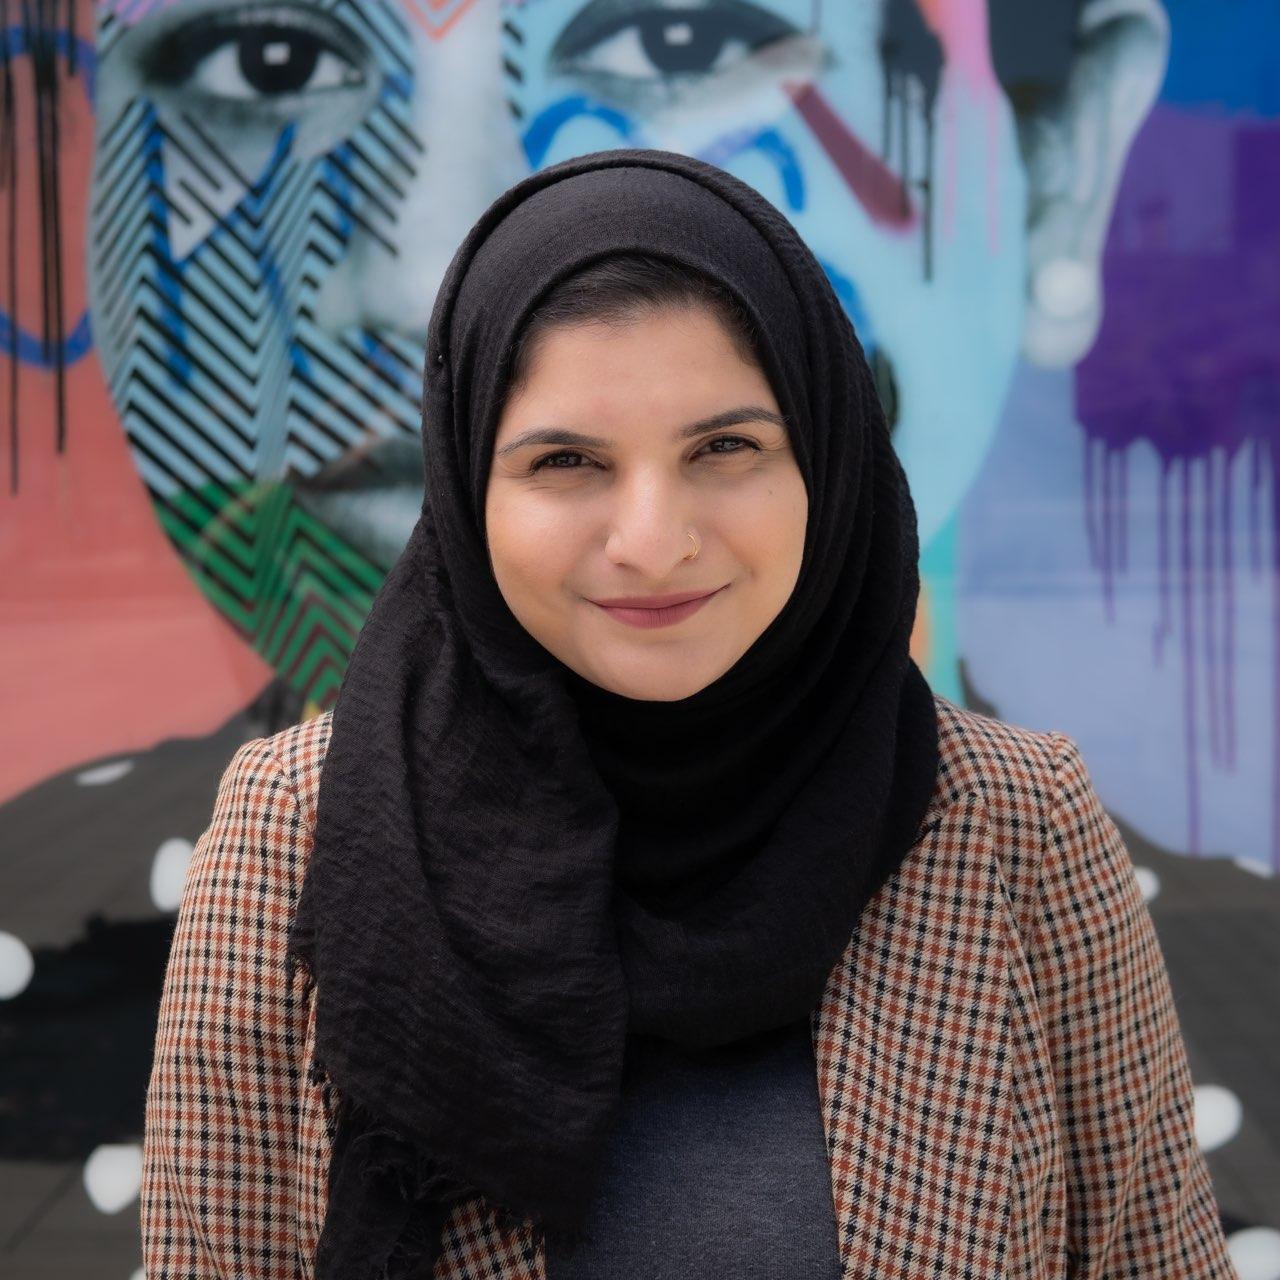 Sidrah Khatoon